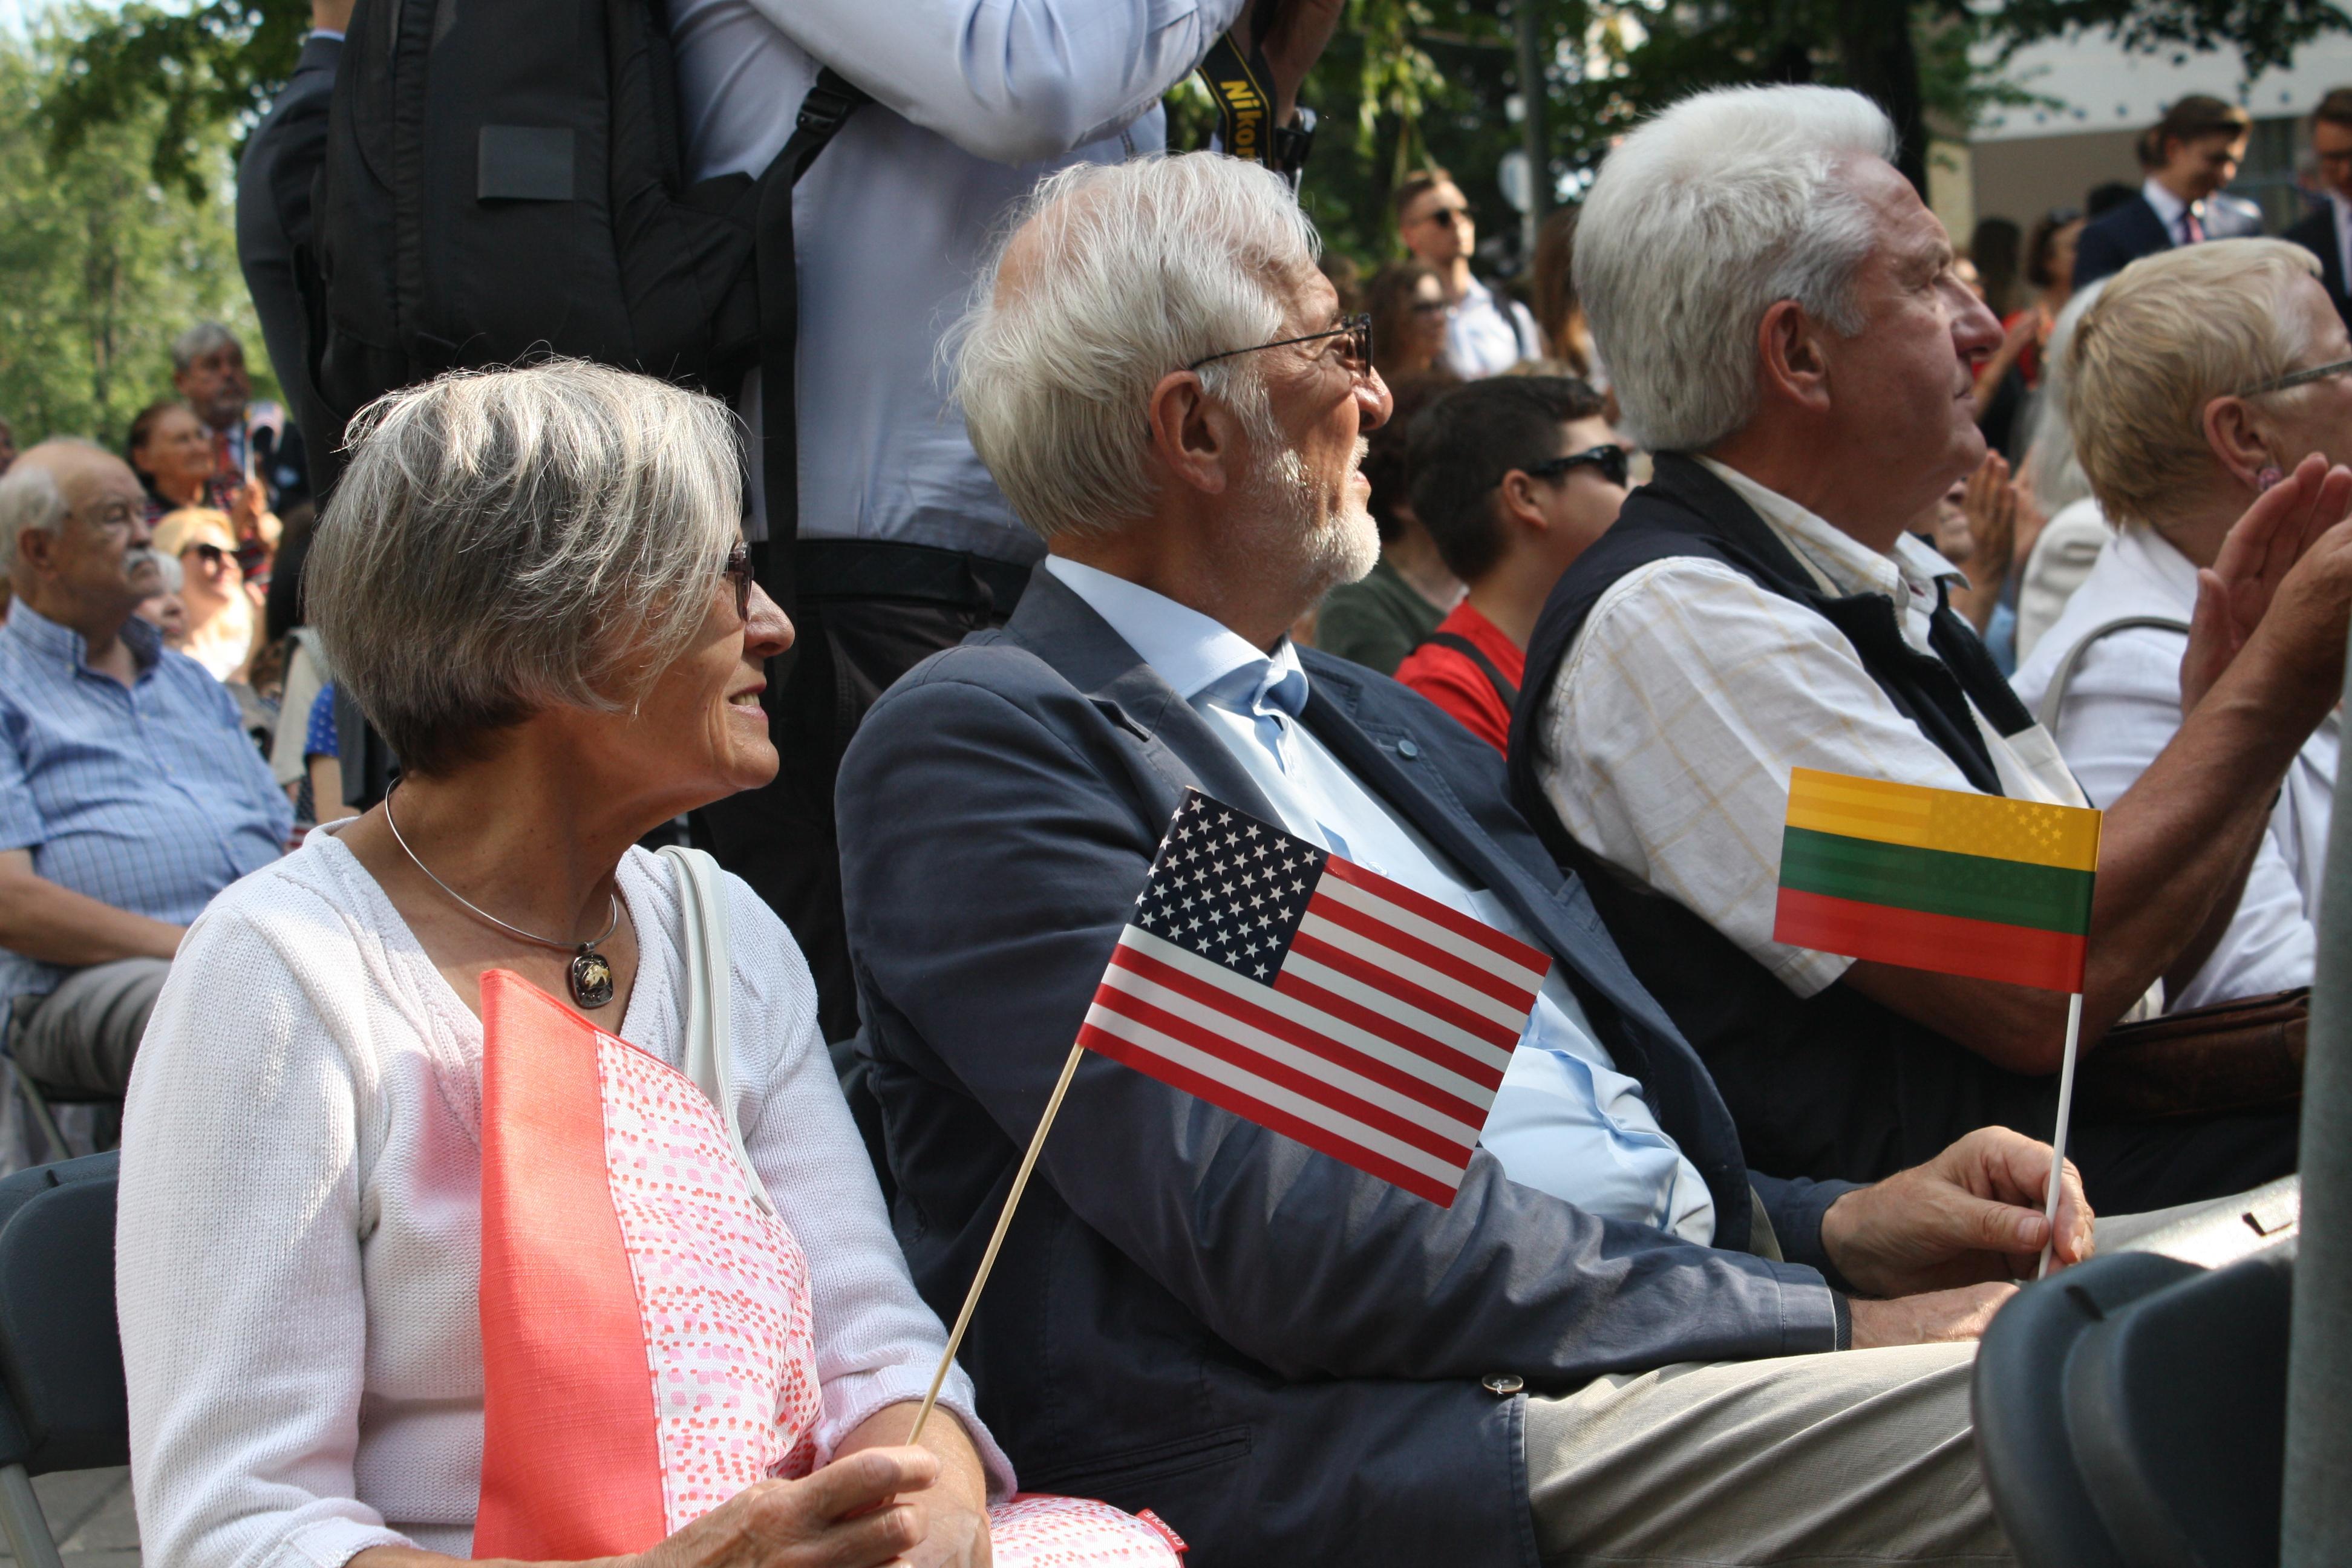 В Вильнюсе сотни людей отметили годовщину декларации о непризнании США оккупации стран Балтии